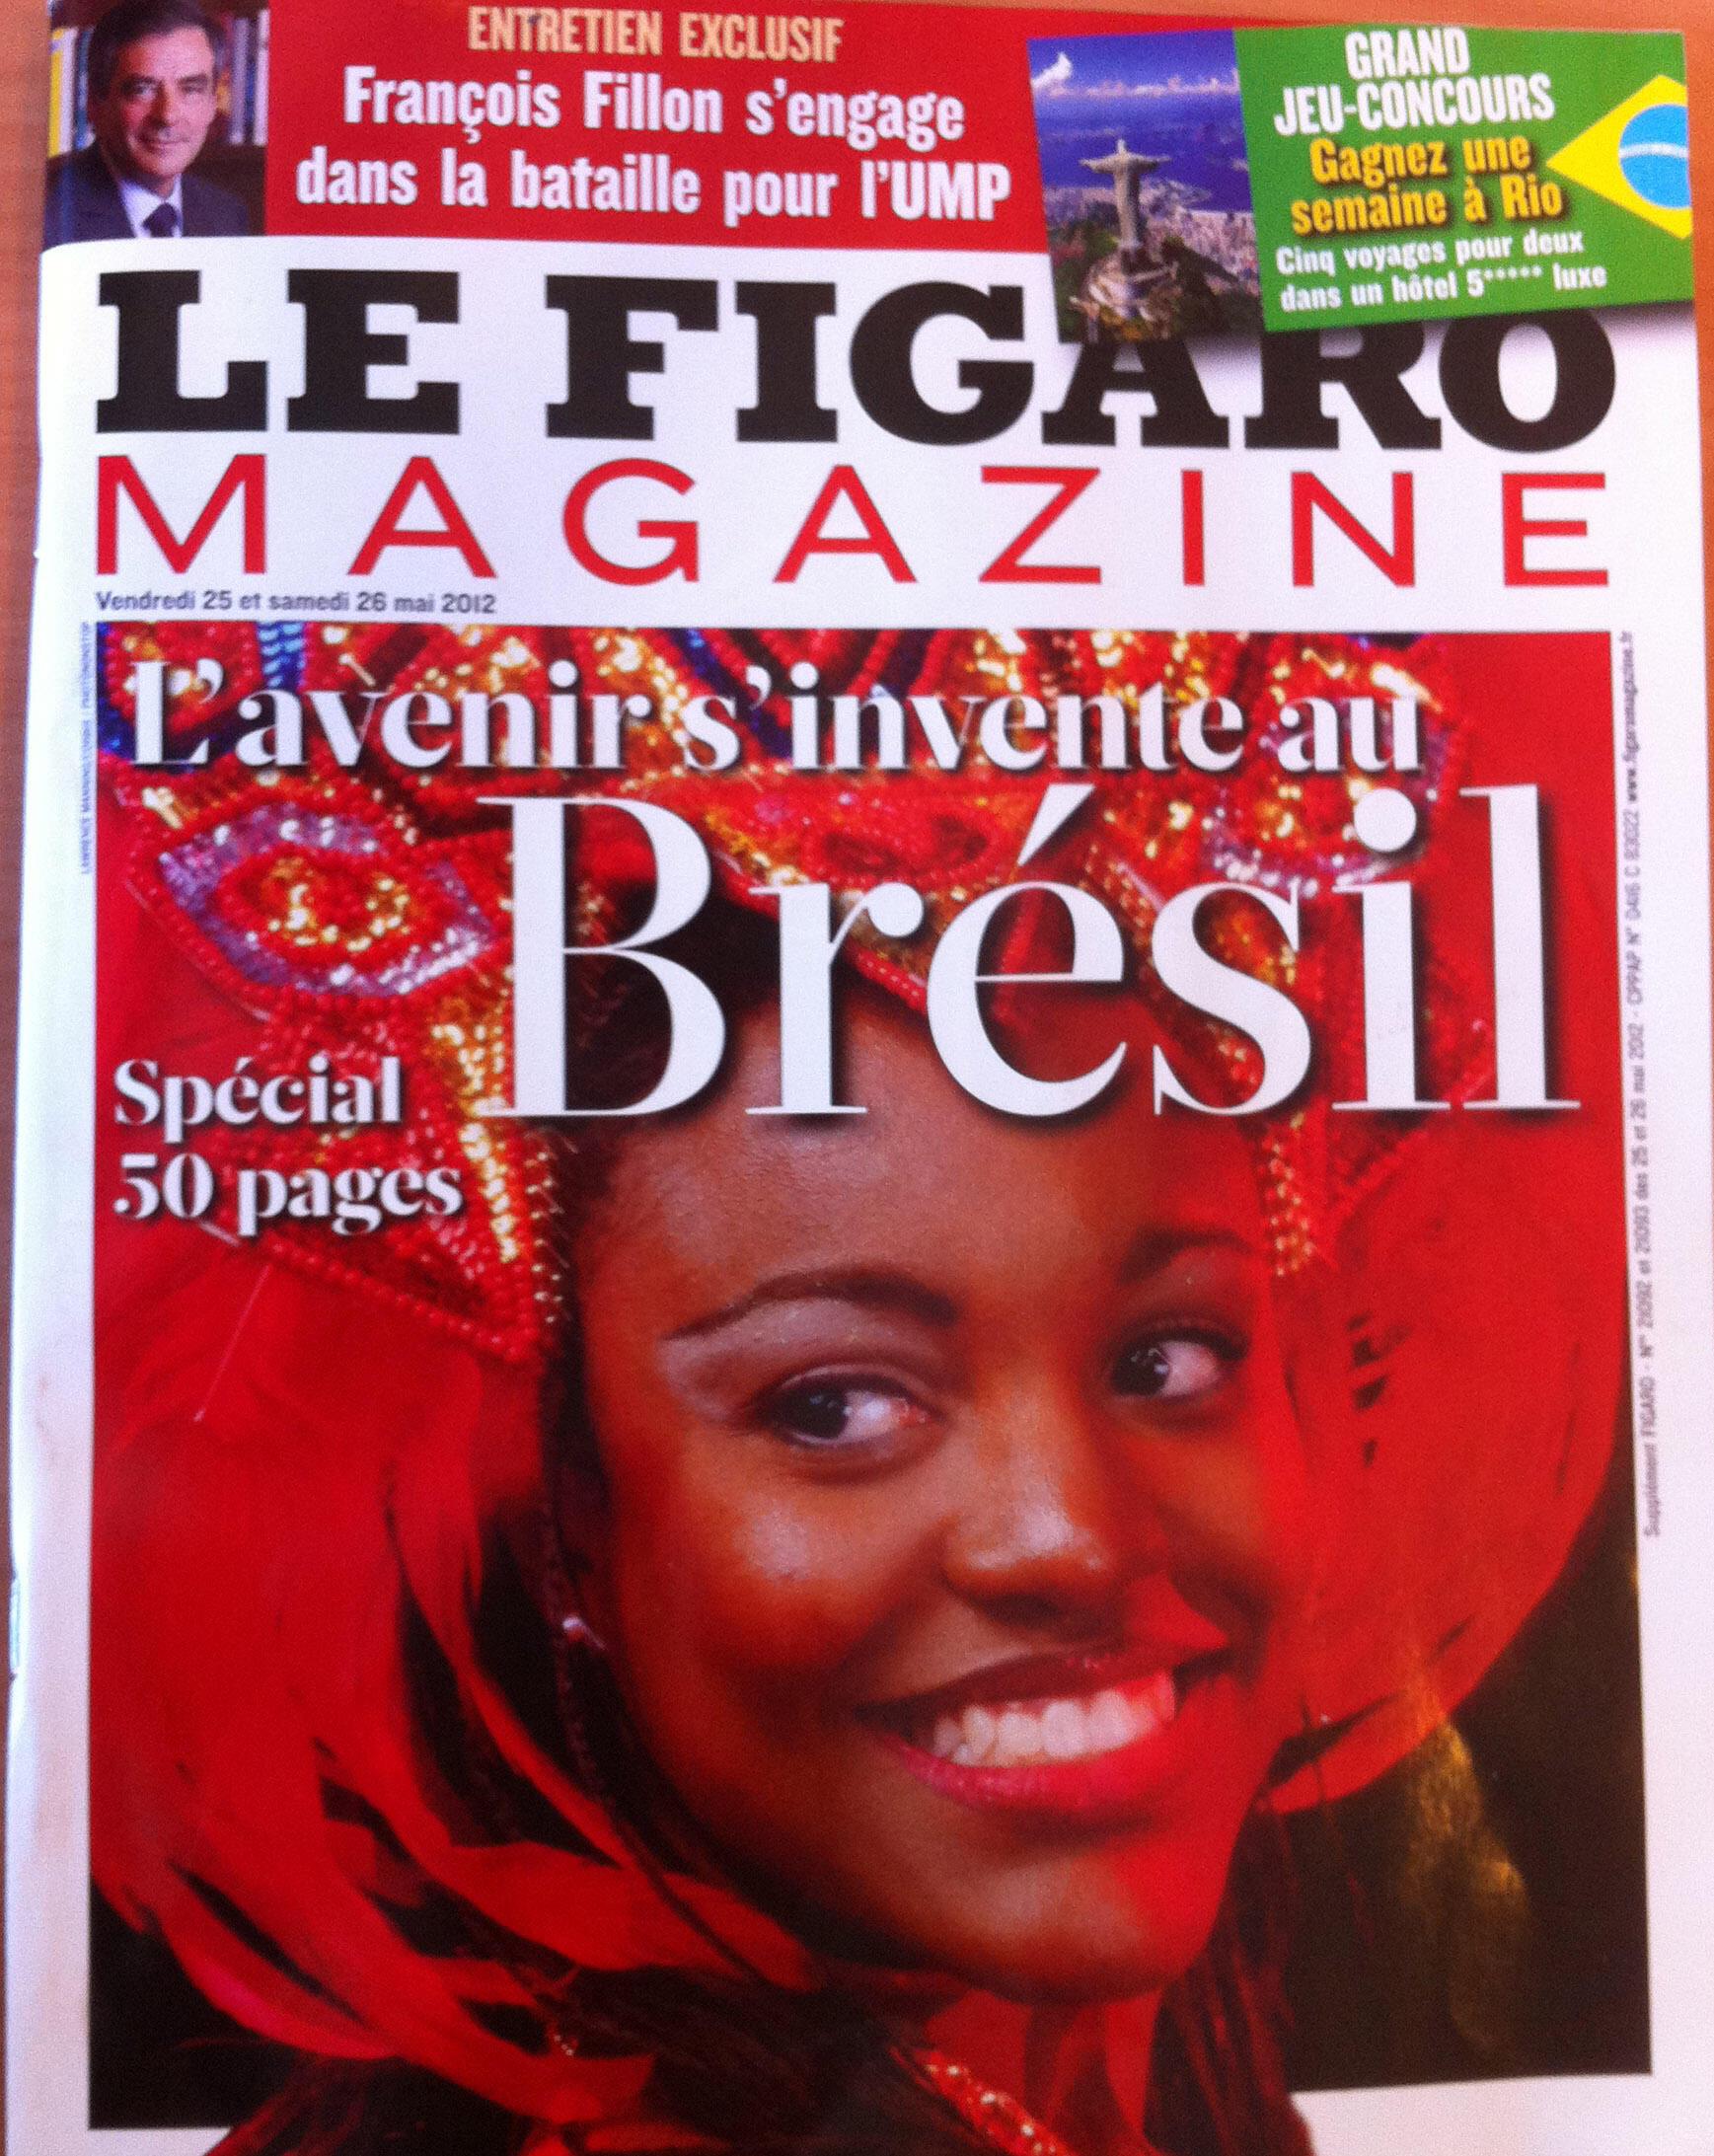 Capa da revista Le Figaro Magazine com edição especial dedicada ao Brasil.